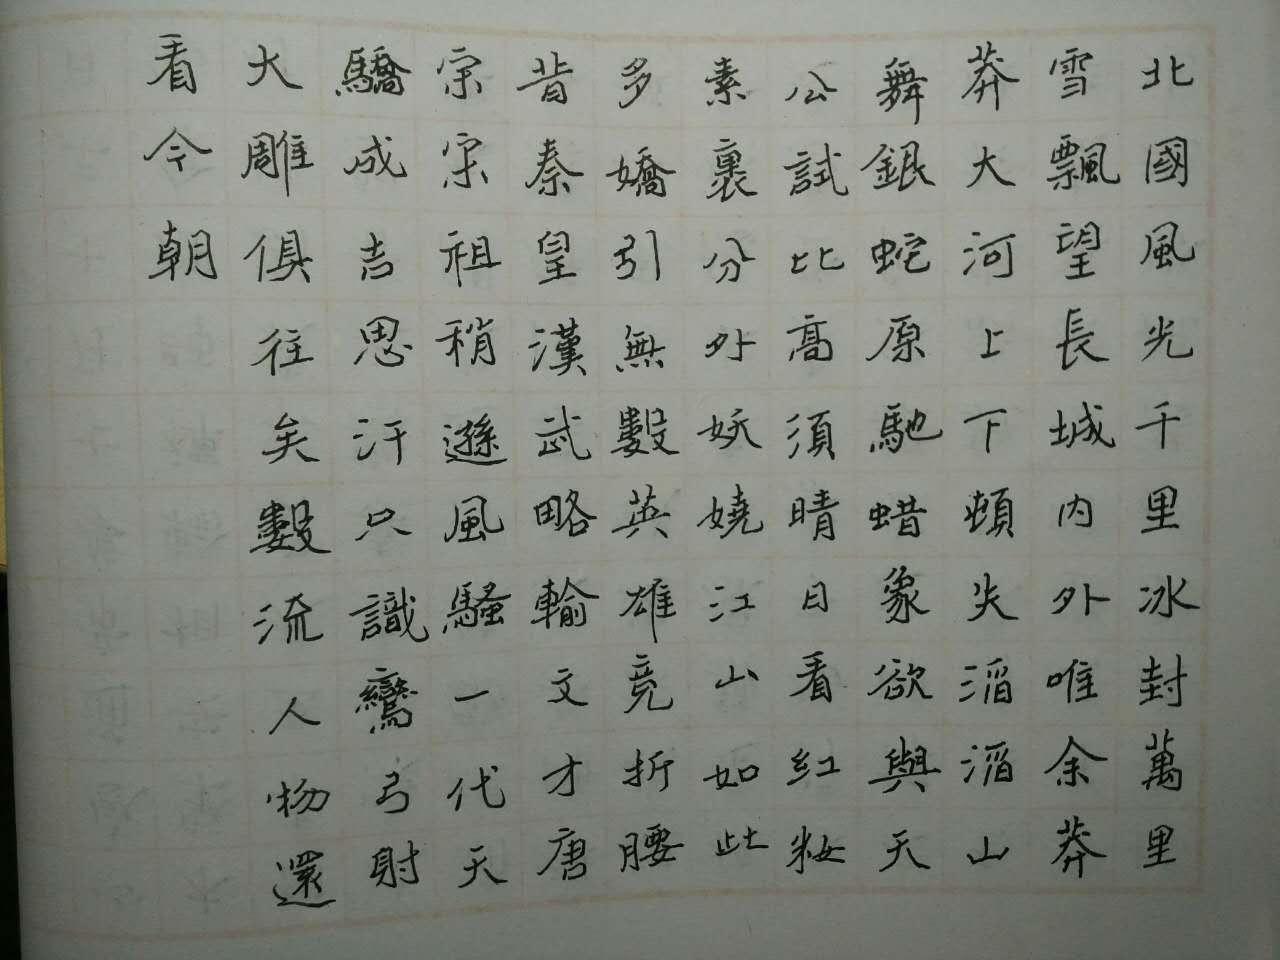 毛泽东 沁园春雪 钢笔字笔友习作欣赏